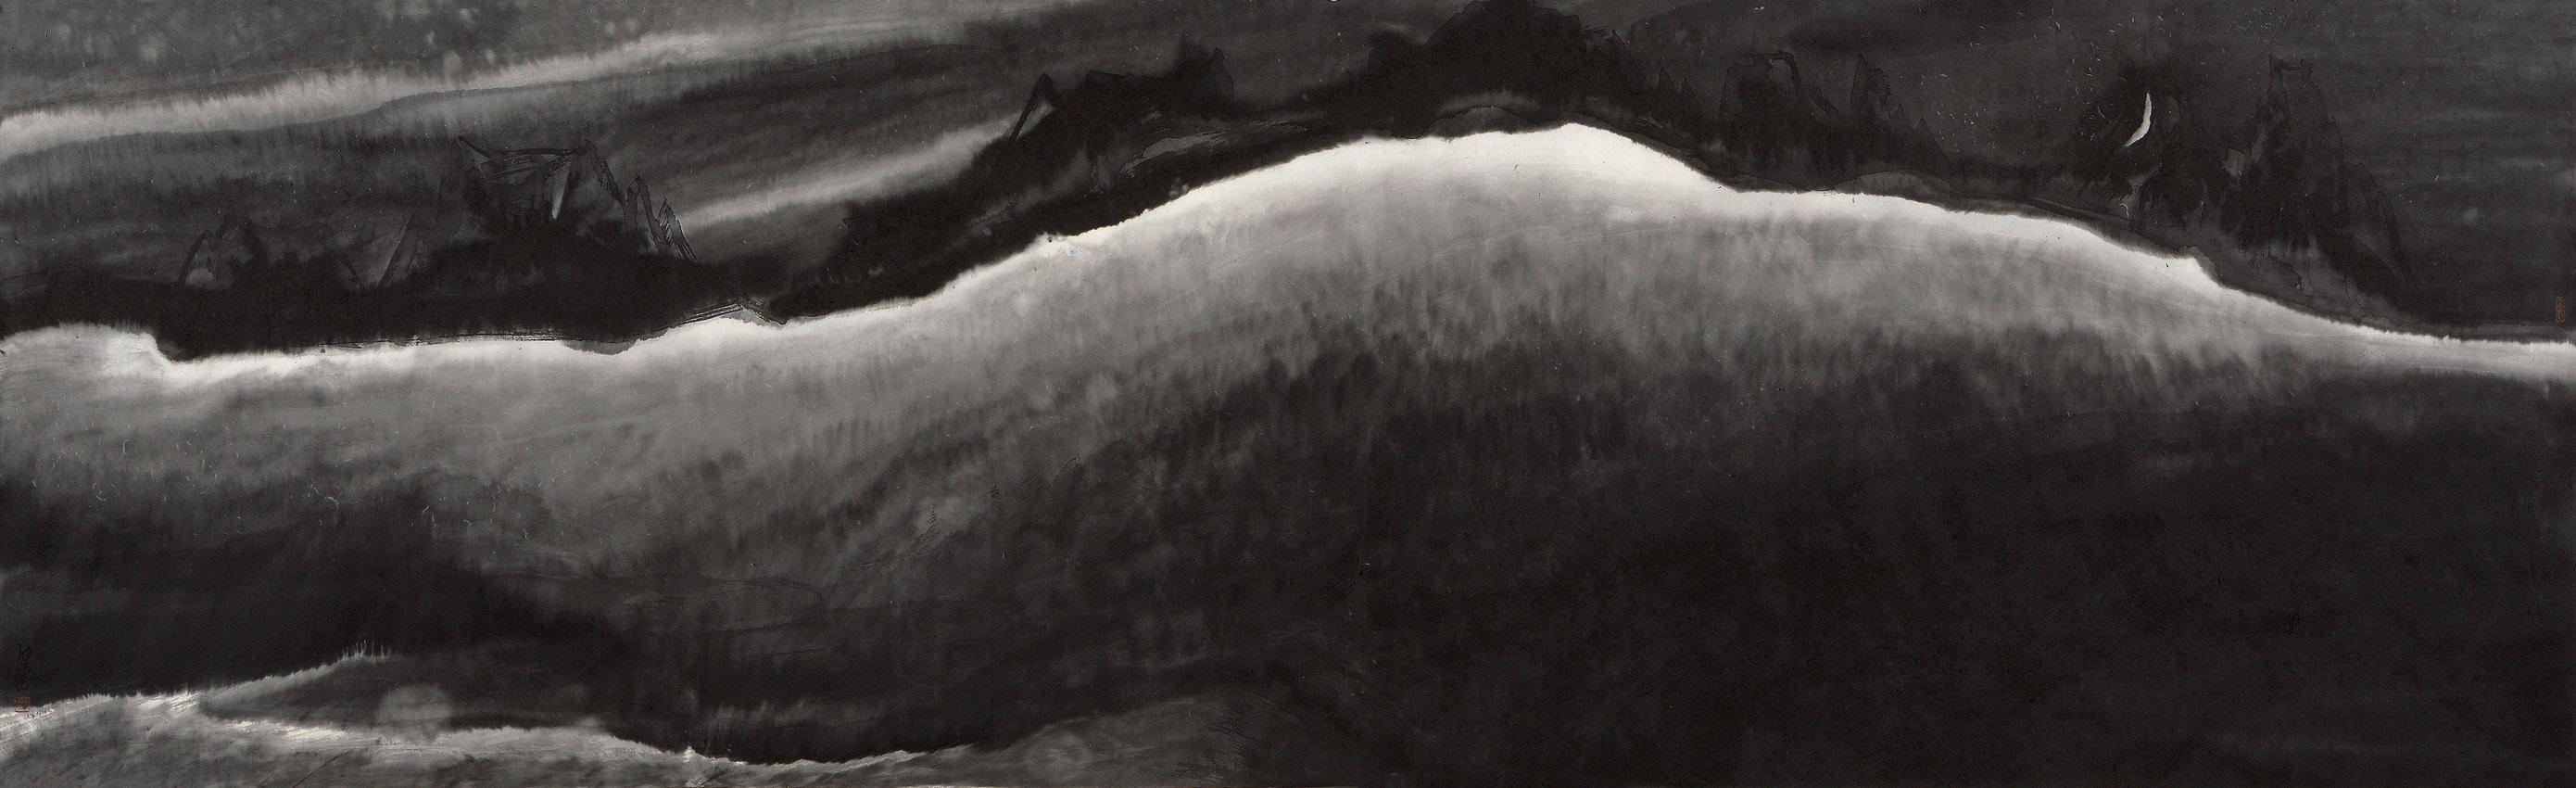 《沉睡的大地》65x215cm 意象系列 纸本水墨 2017年